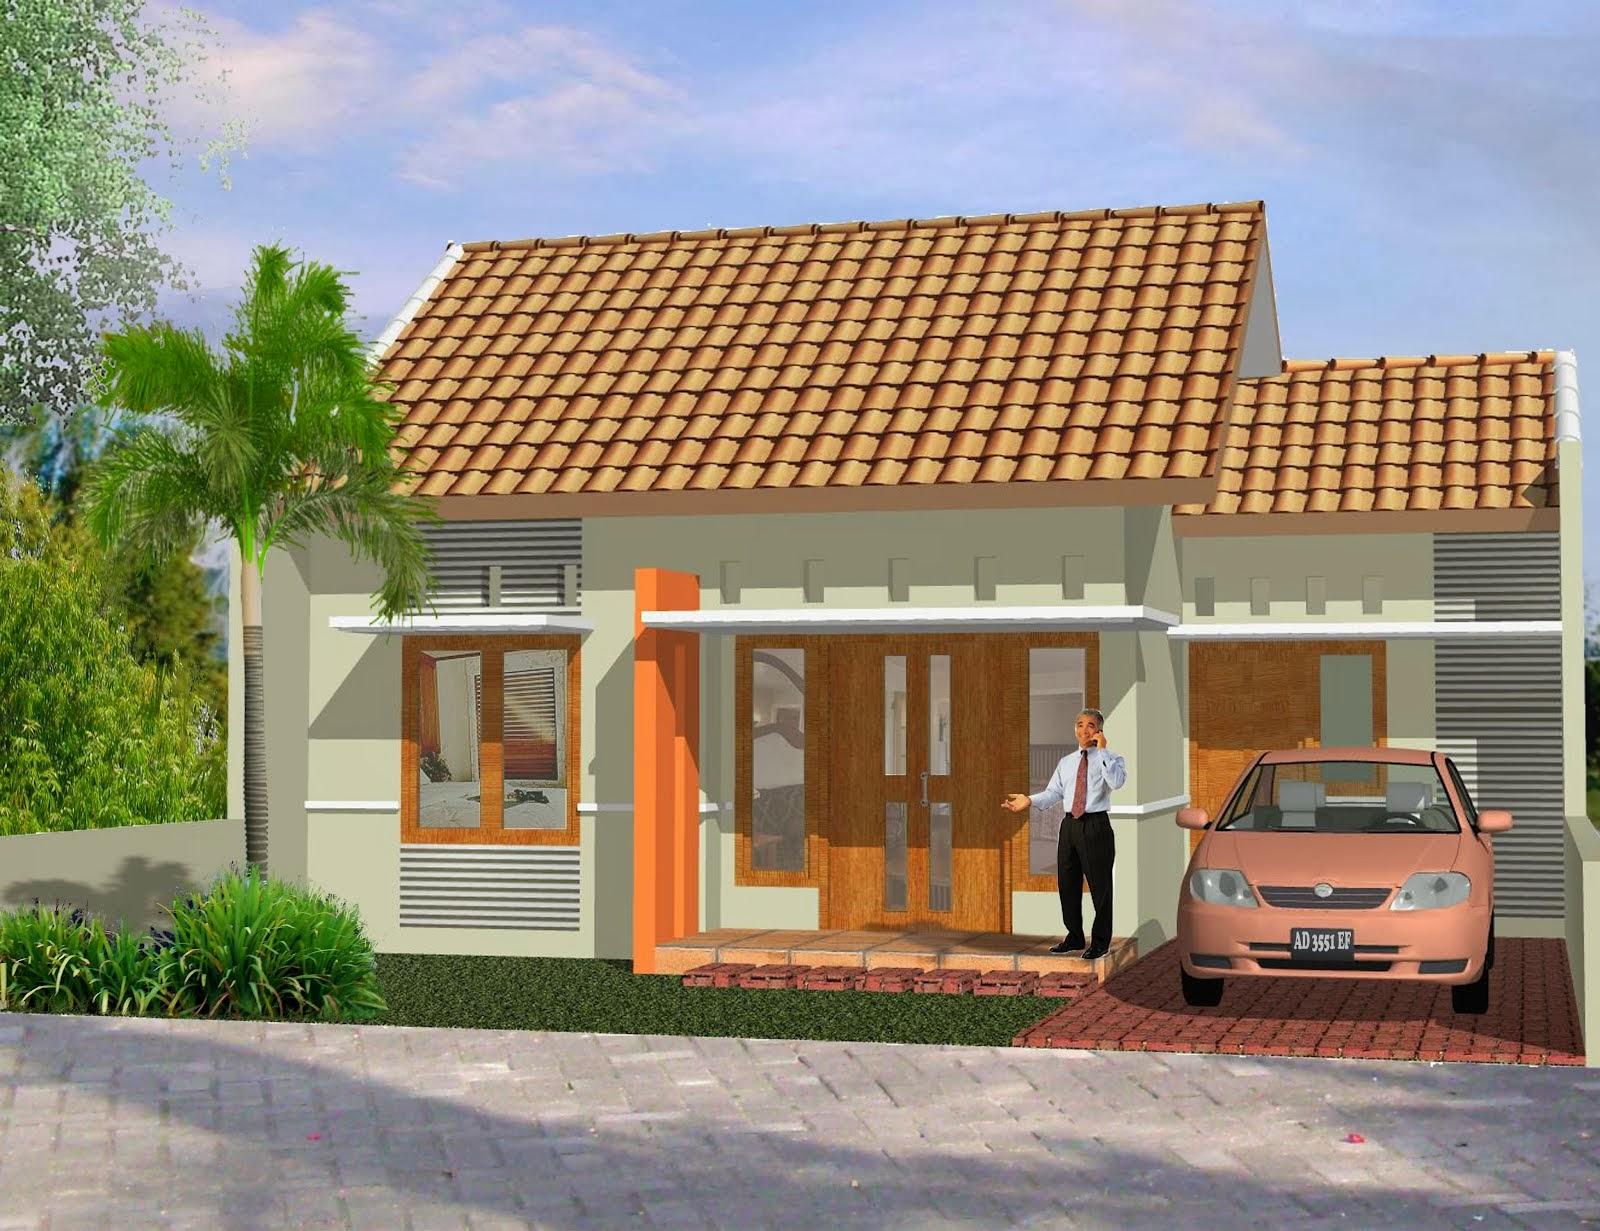 64 Desain Rumah Minimalis Belanda  Desain Rumah Minimalis Terbaru